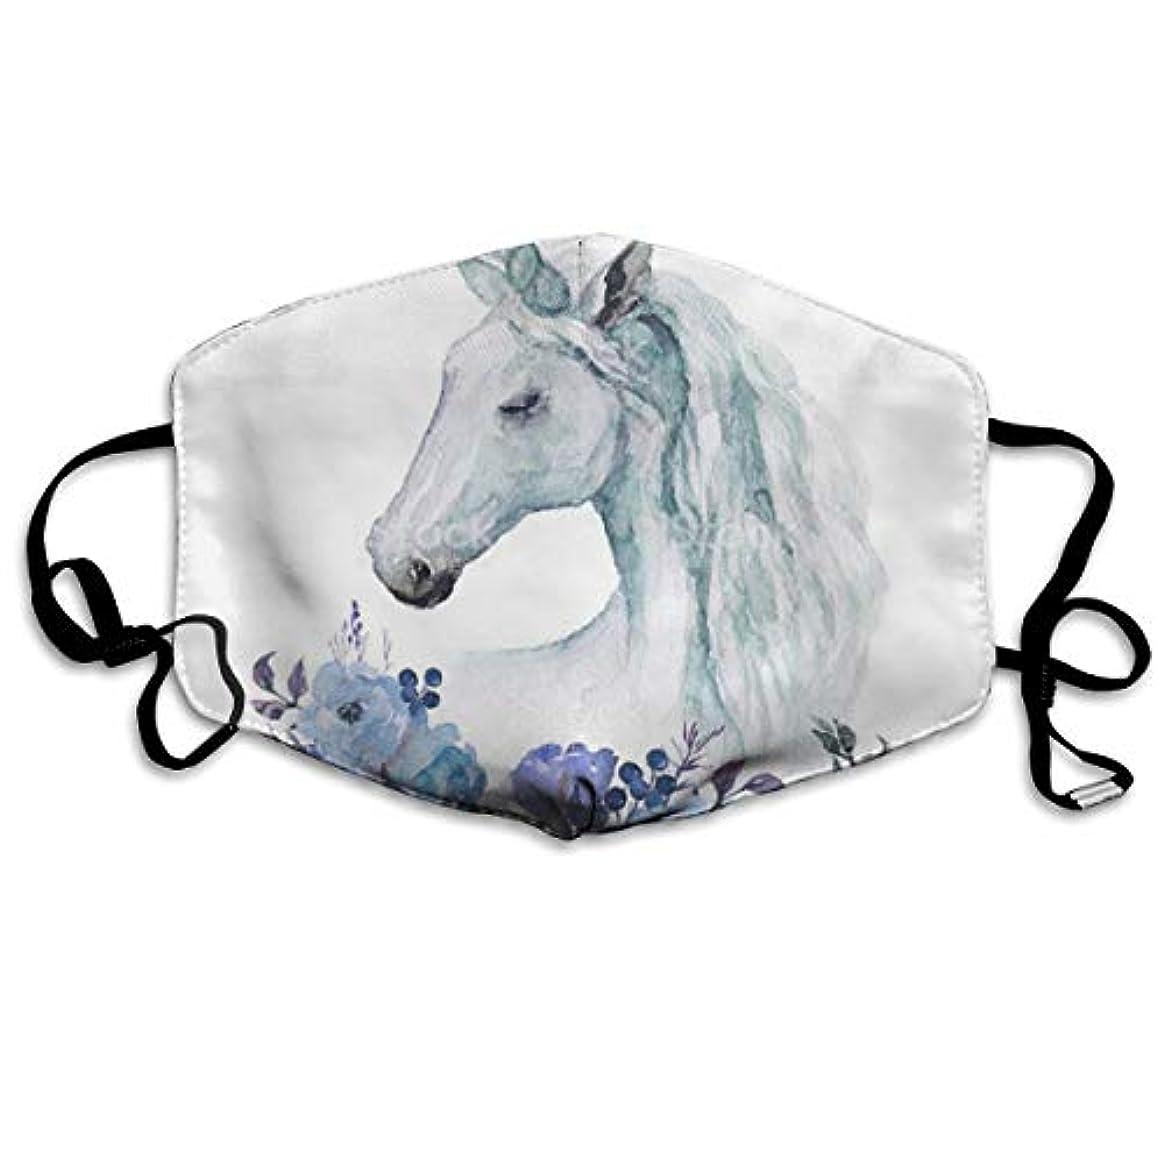 四回モック練るマスク水彩動物花自由奔放に生きるファッション、通気性、UVカット マスクユニセックス